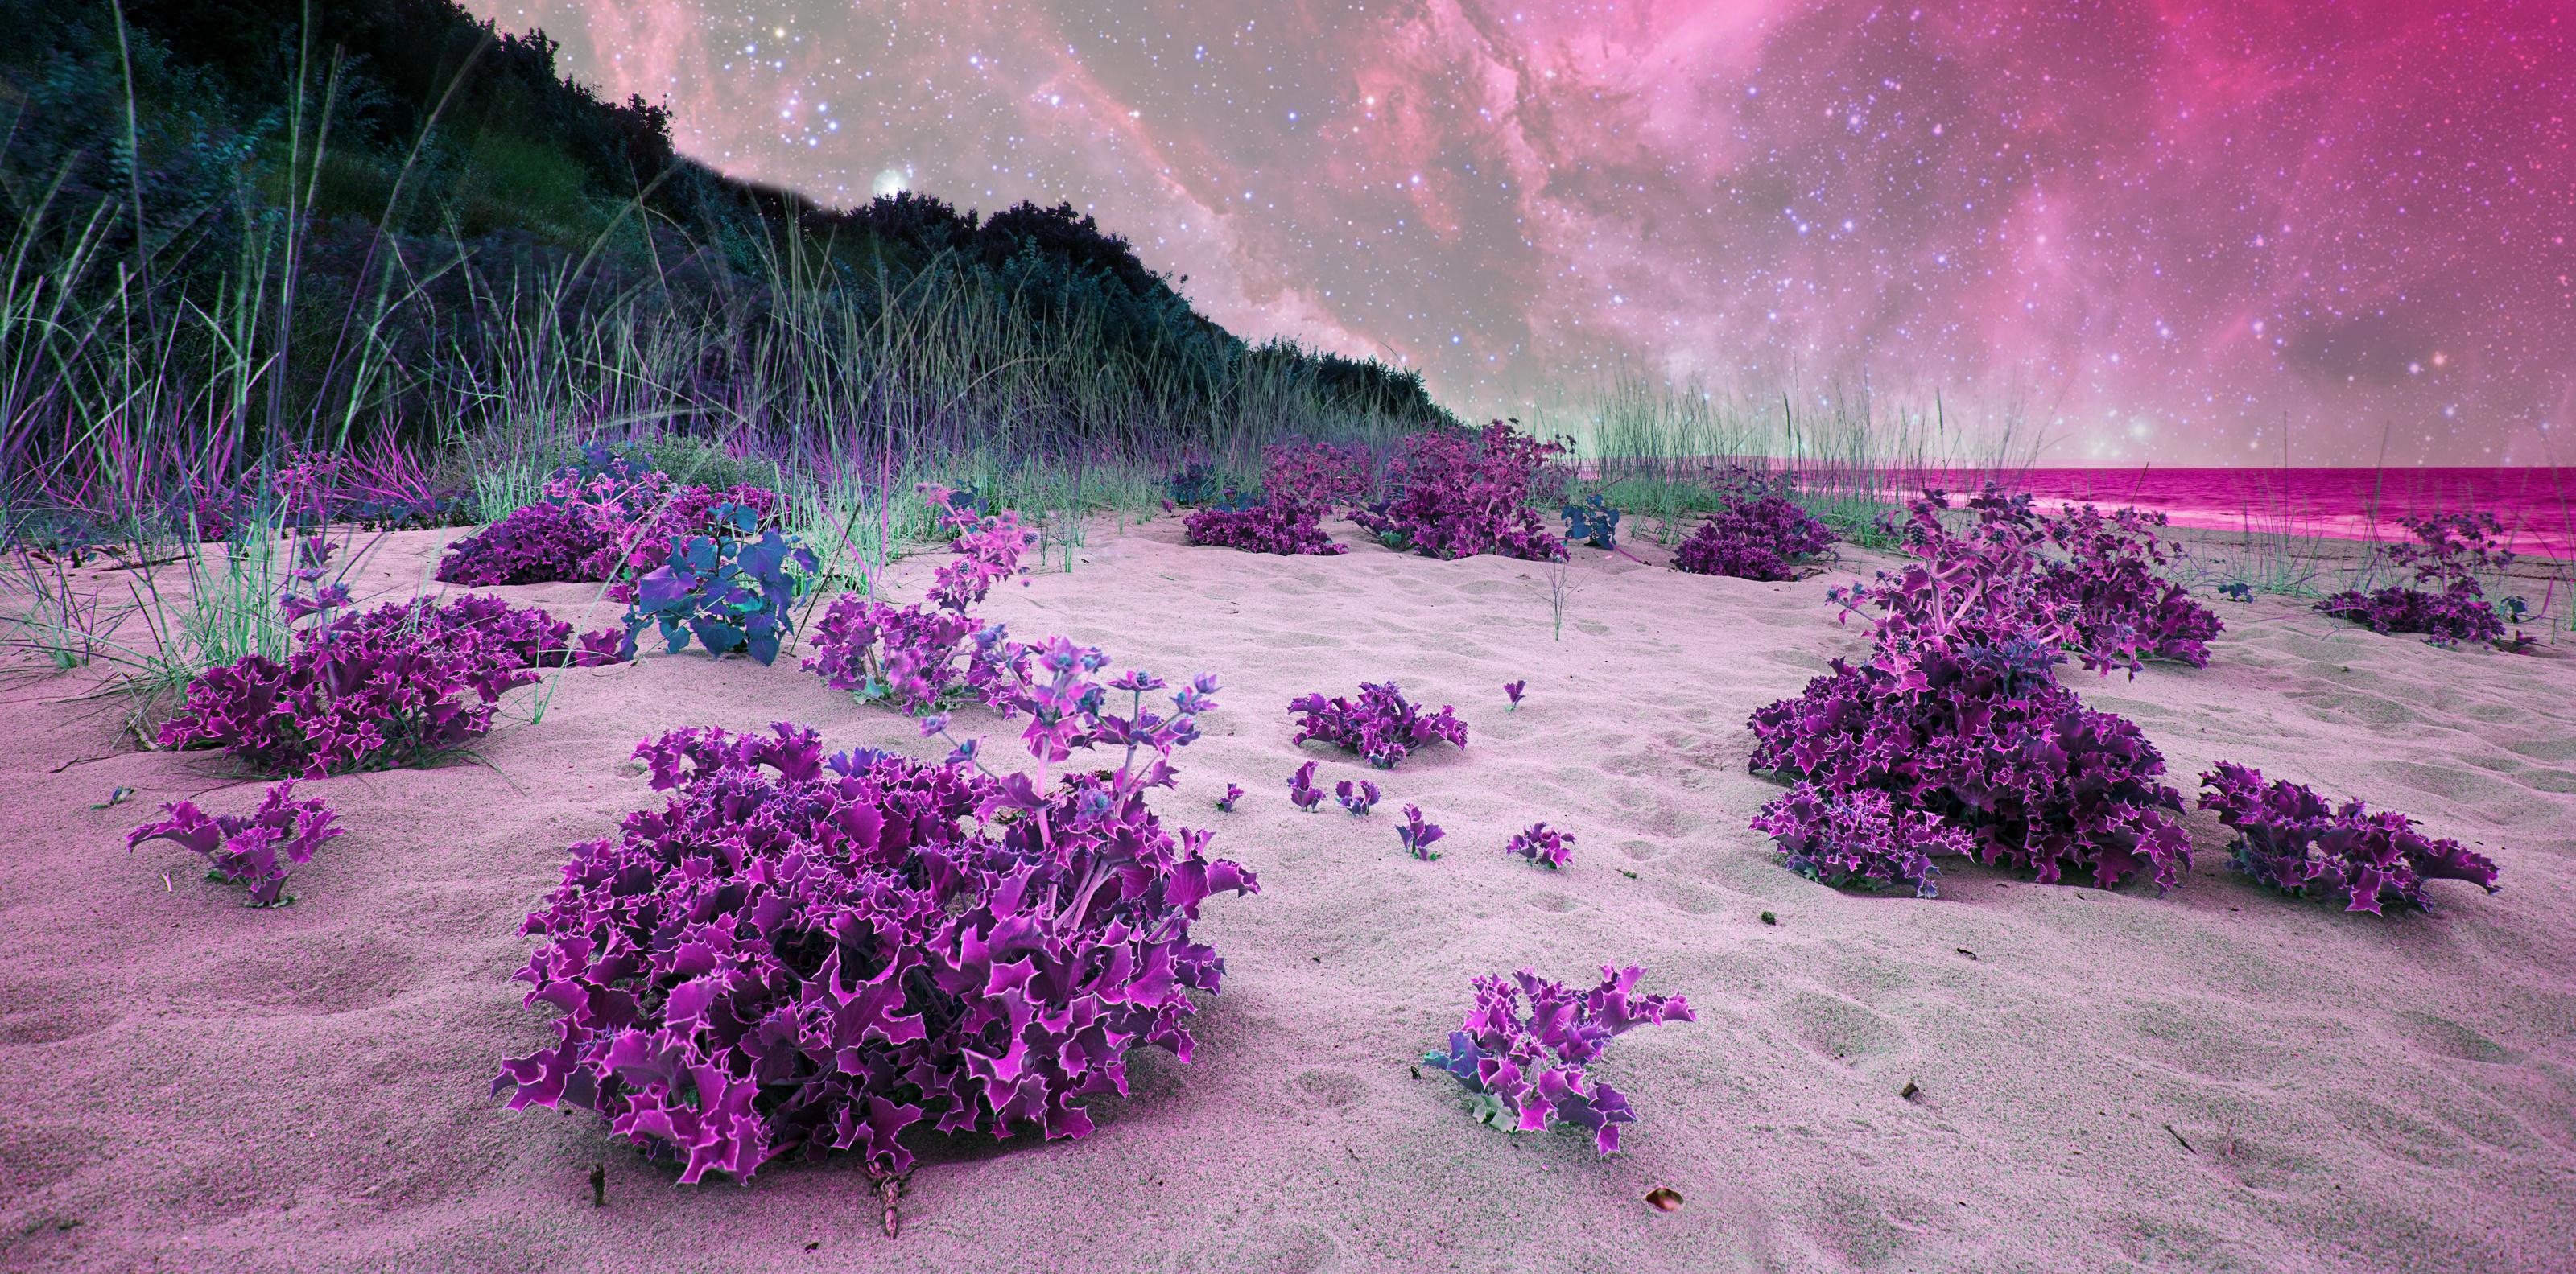 landscape@bayer-bayer.com